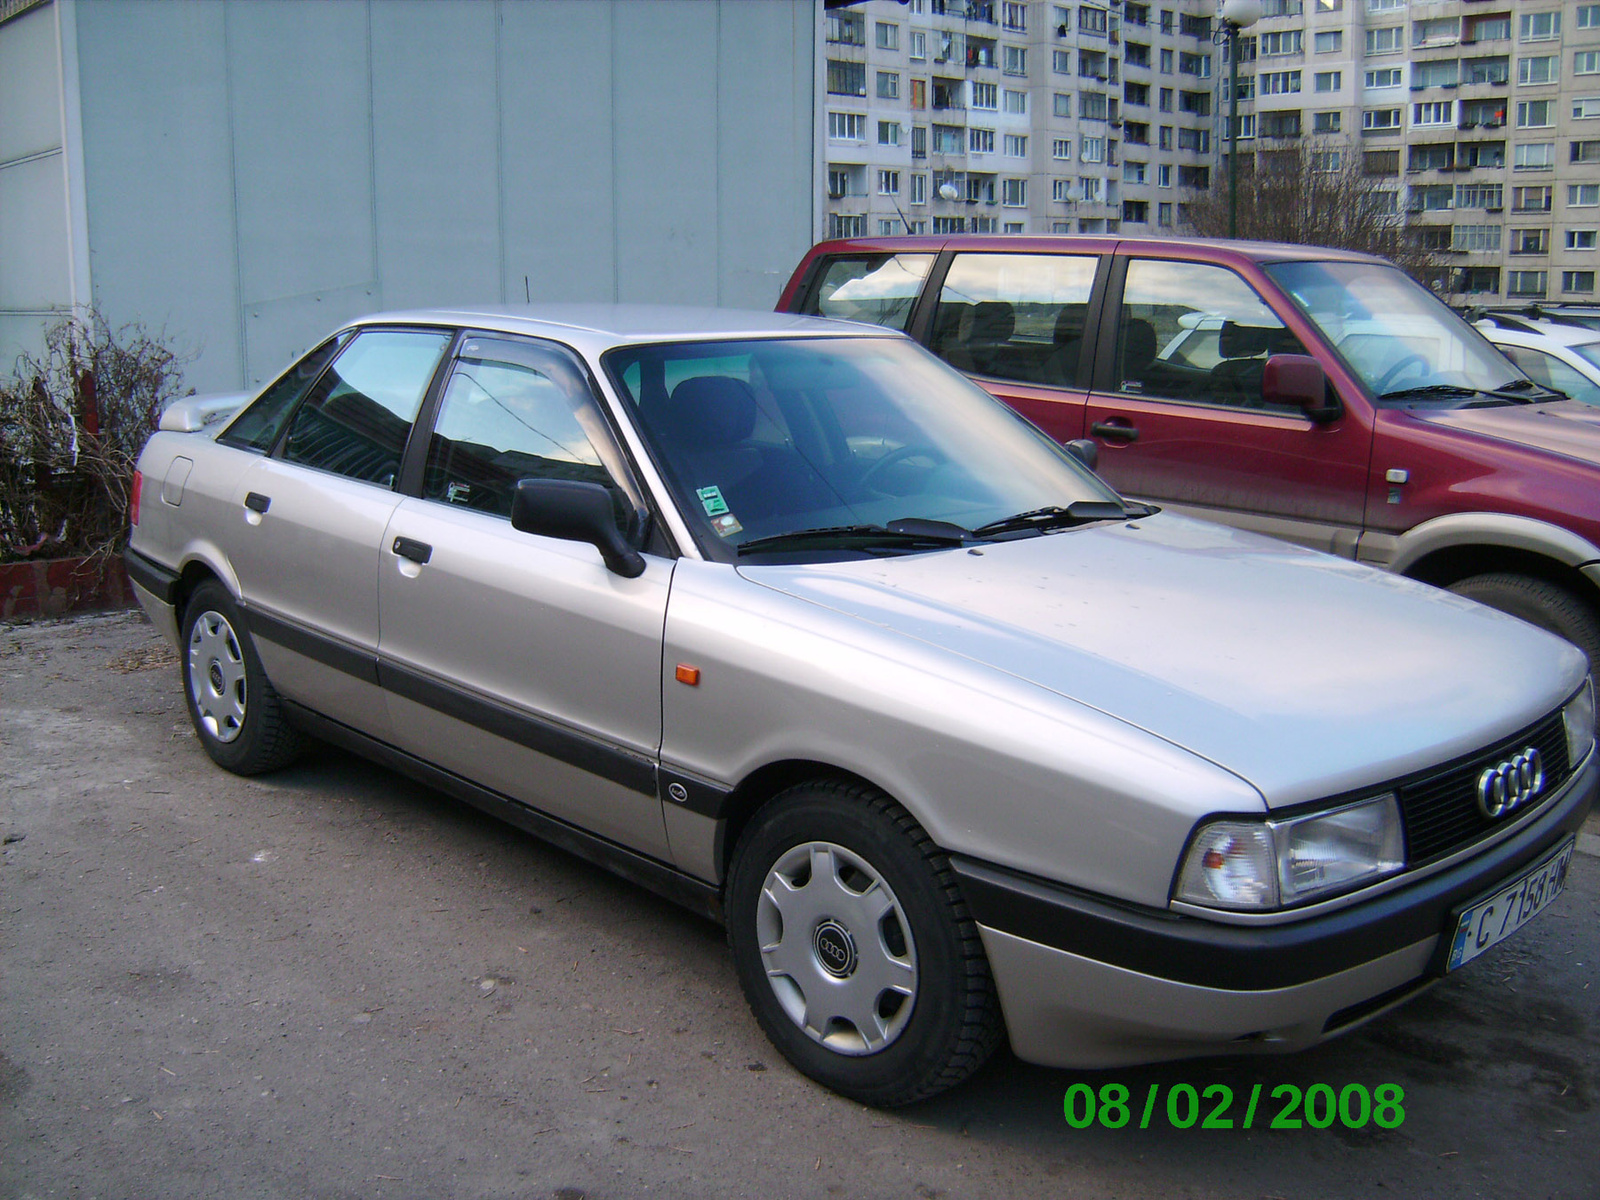 1990 Audi 80 - Pictures - CarGurus